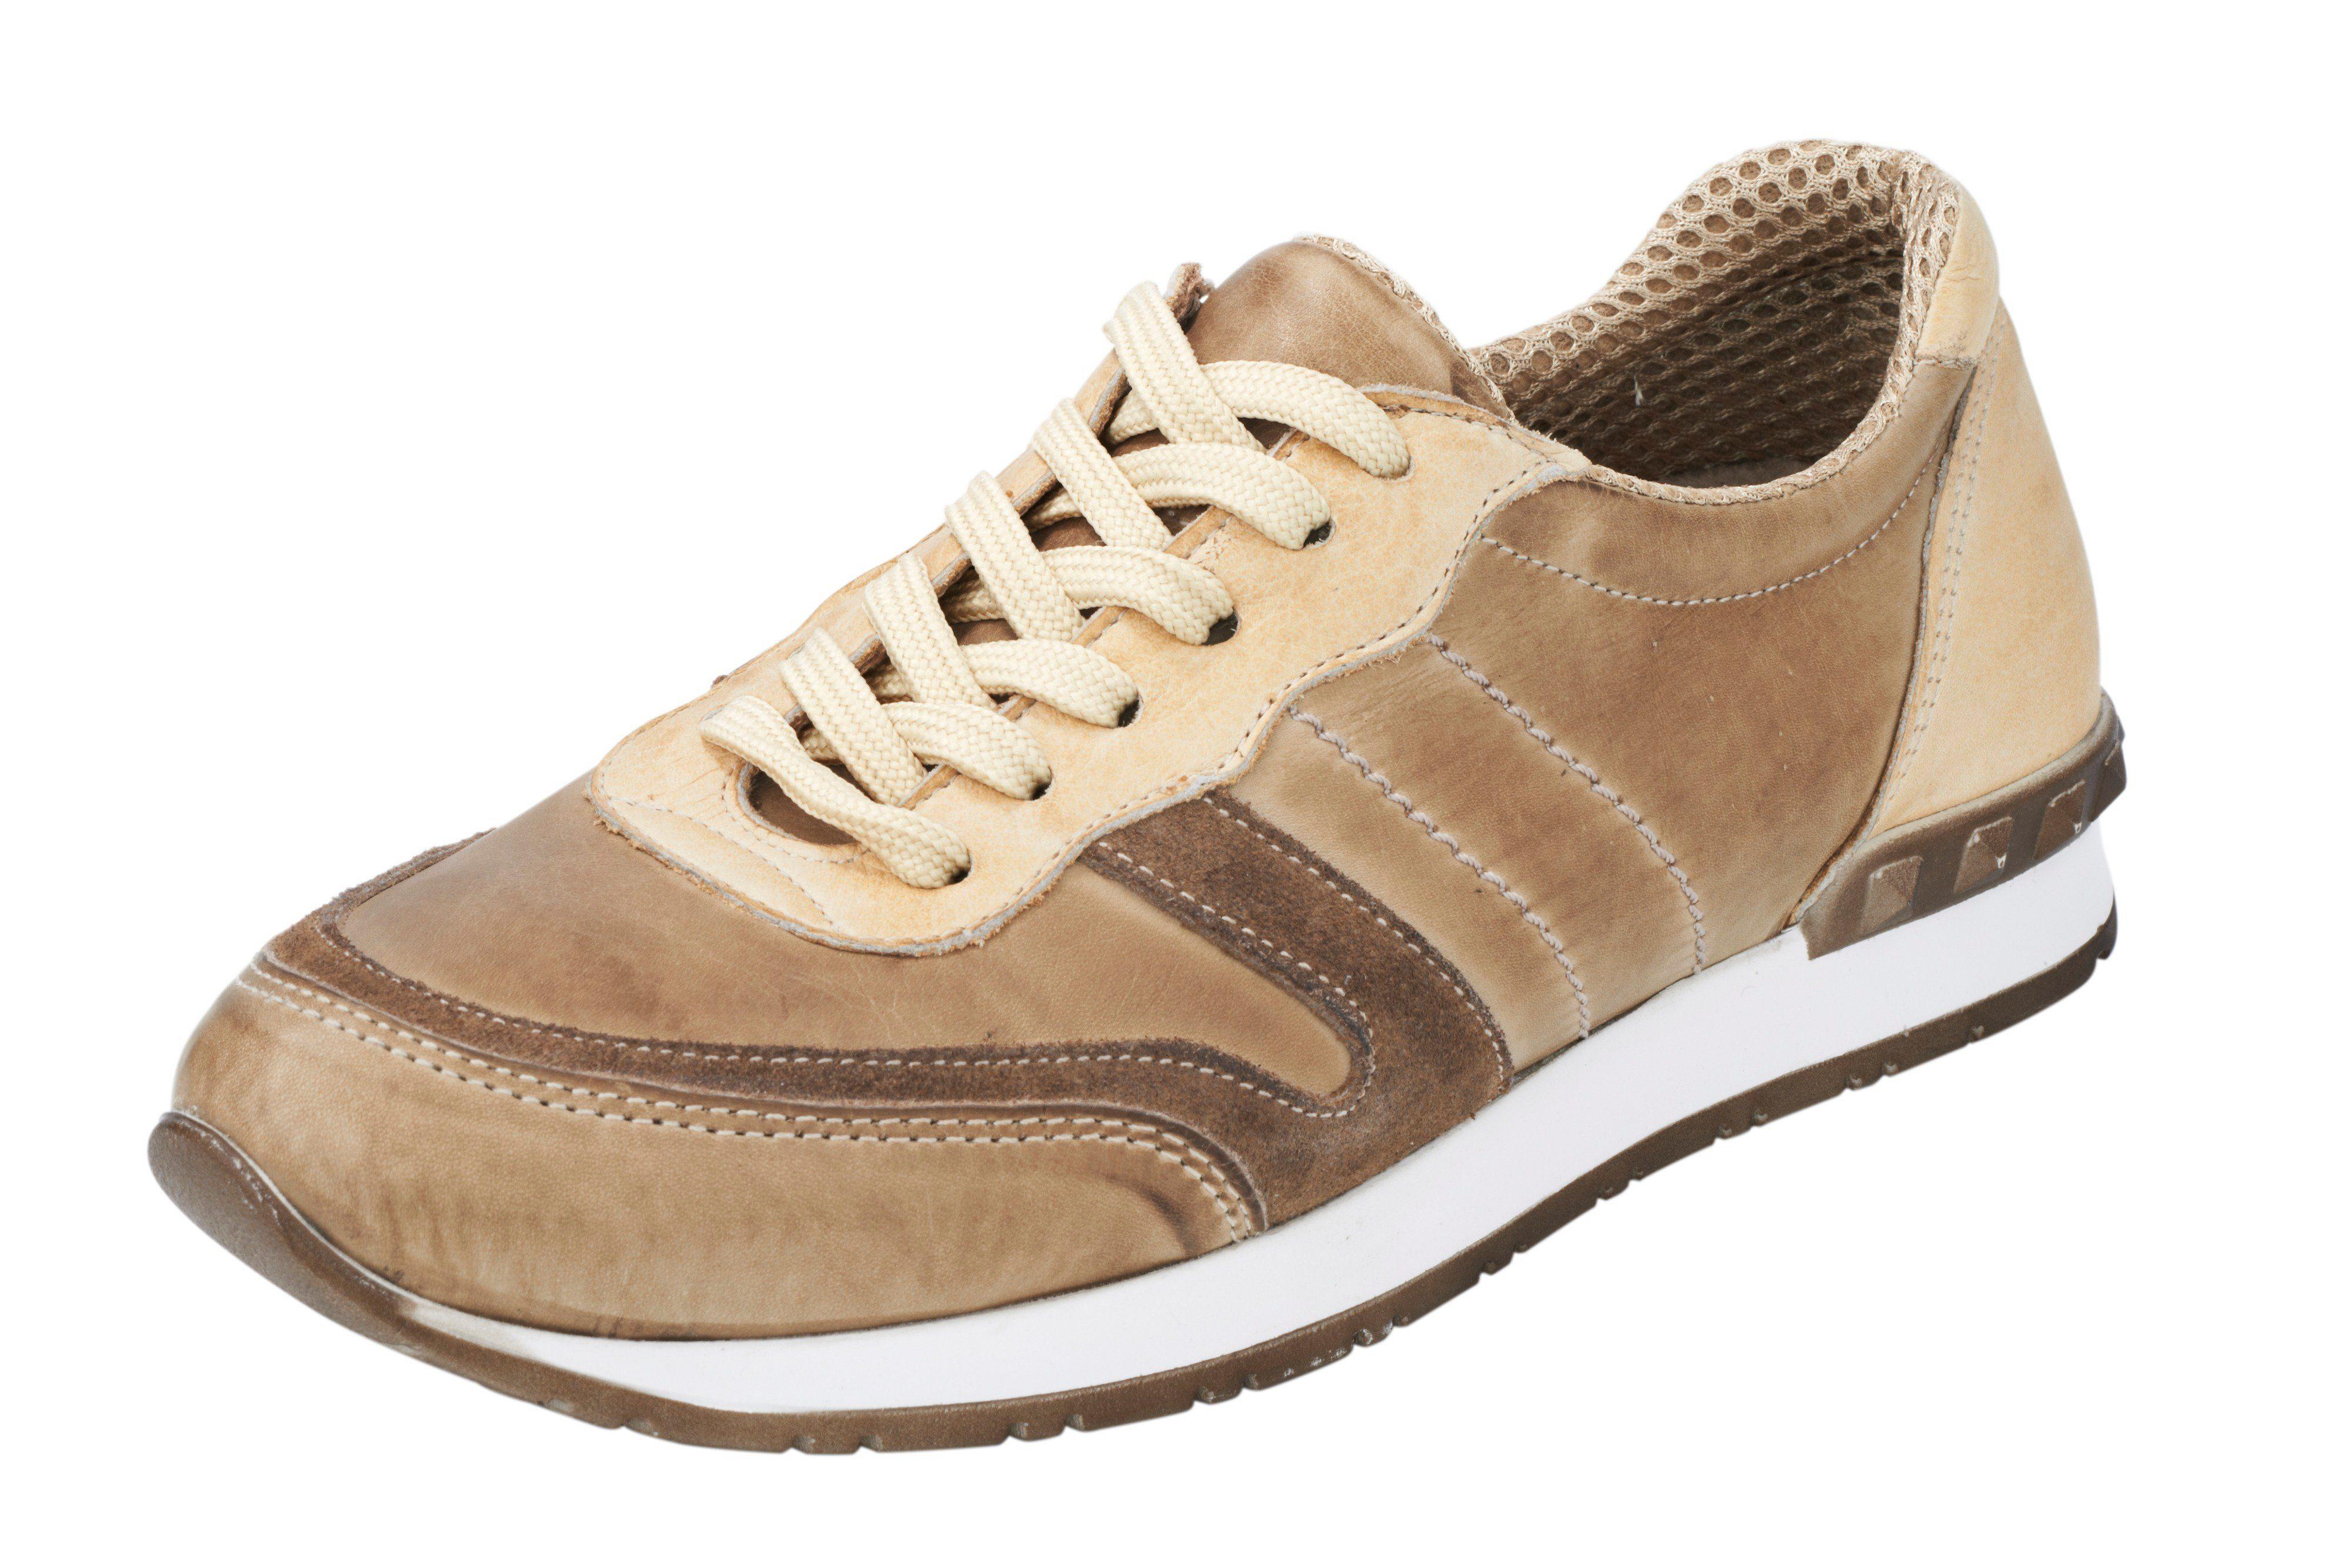 Andrea Conti Sneaker online kaufen  beige#ft5_slash#camel